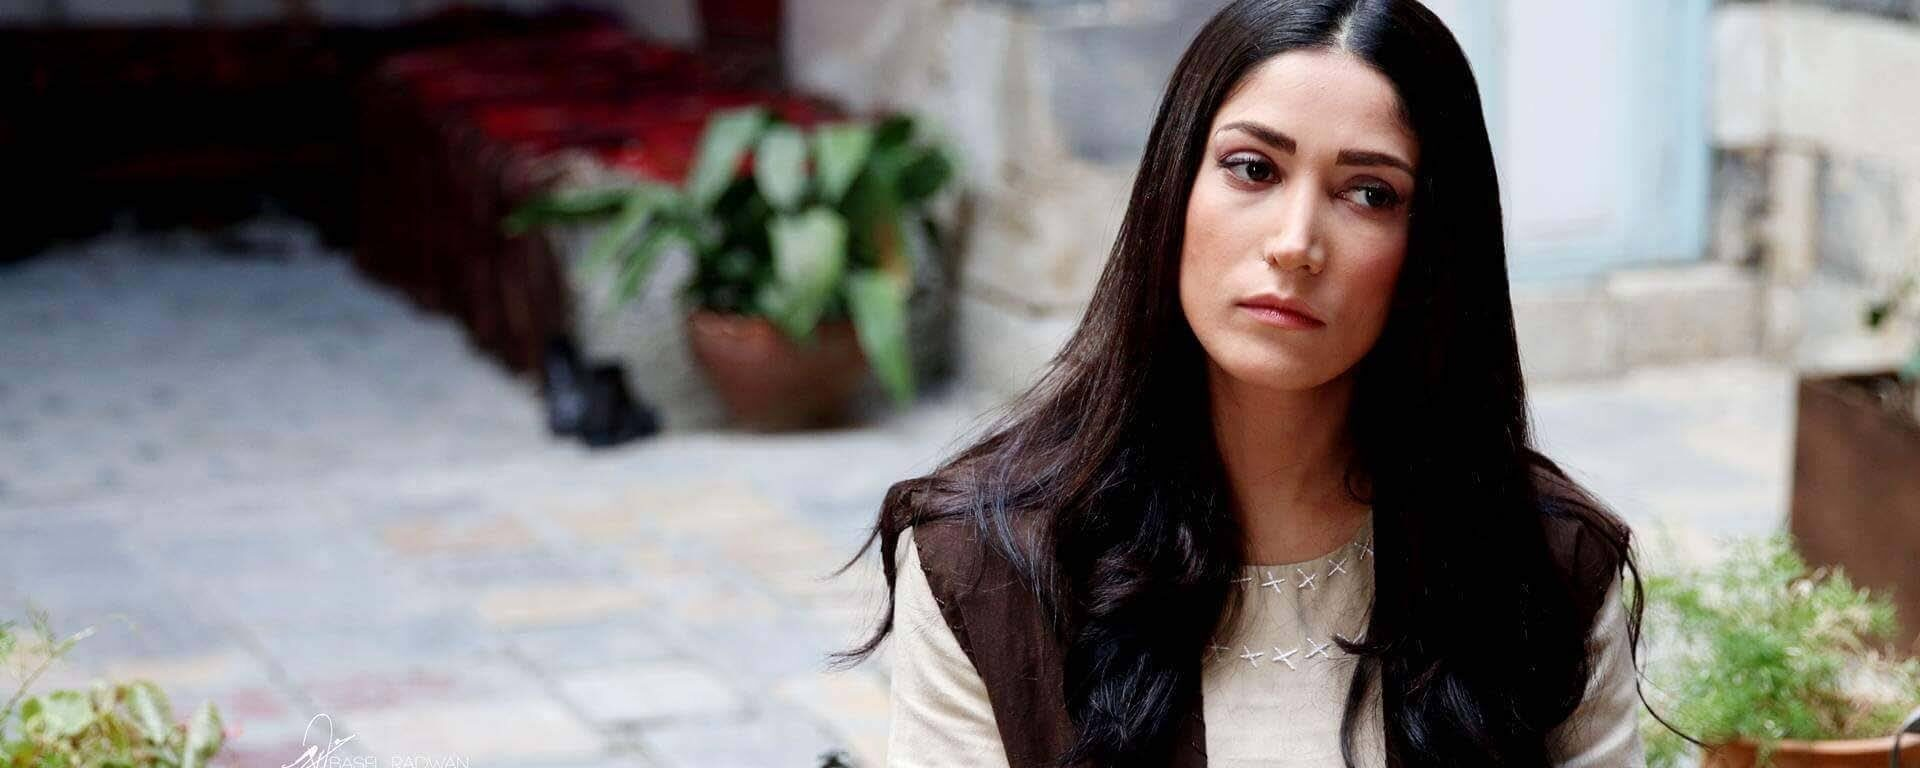 """تسنيم الباشا تلفت الأنظار بأدائها في مسلسل """" على صفيح ساخن"""" ومتابعين: رجعيلنا زمن الدراما السورية الأصيلة"""